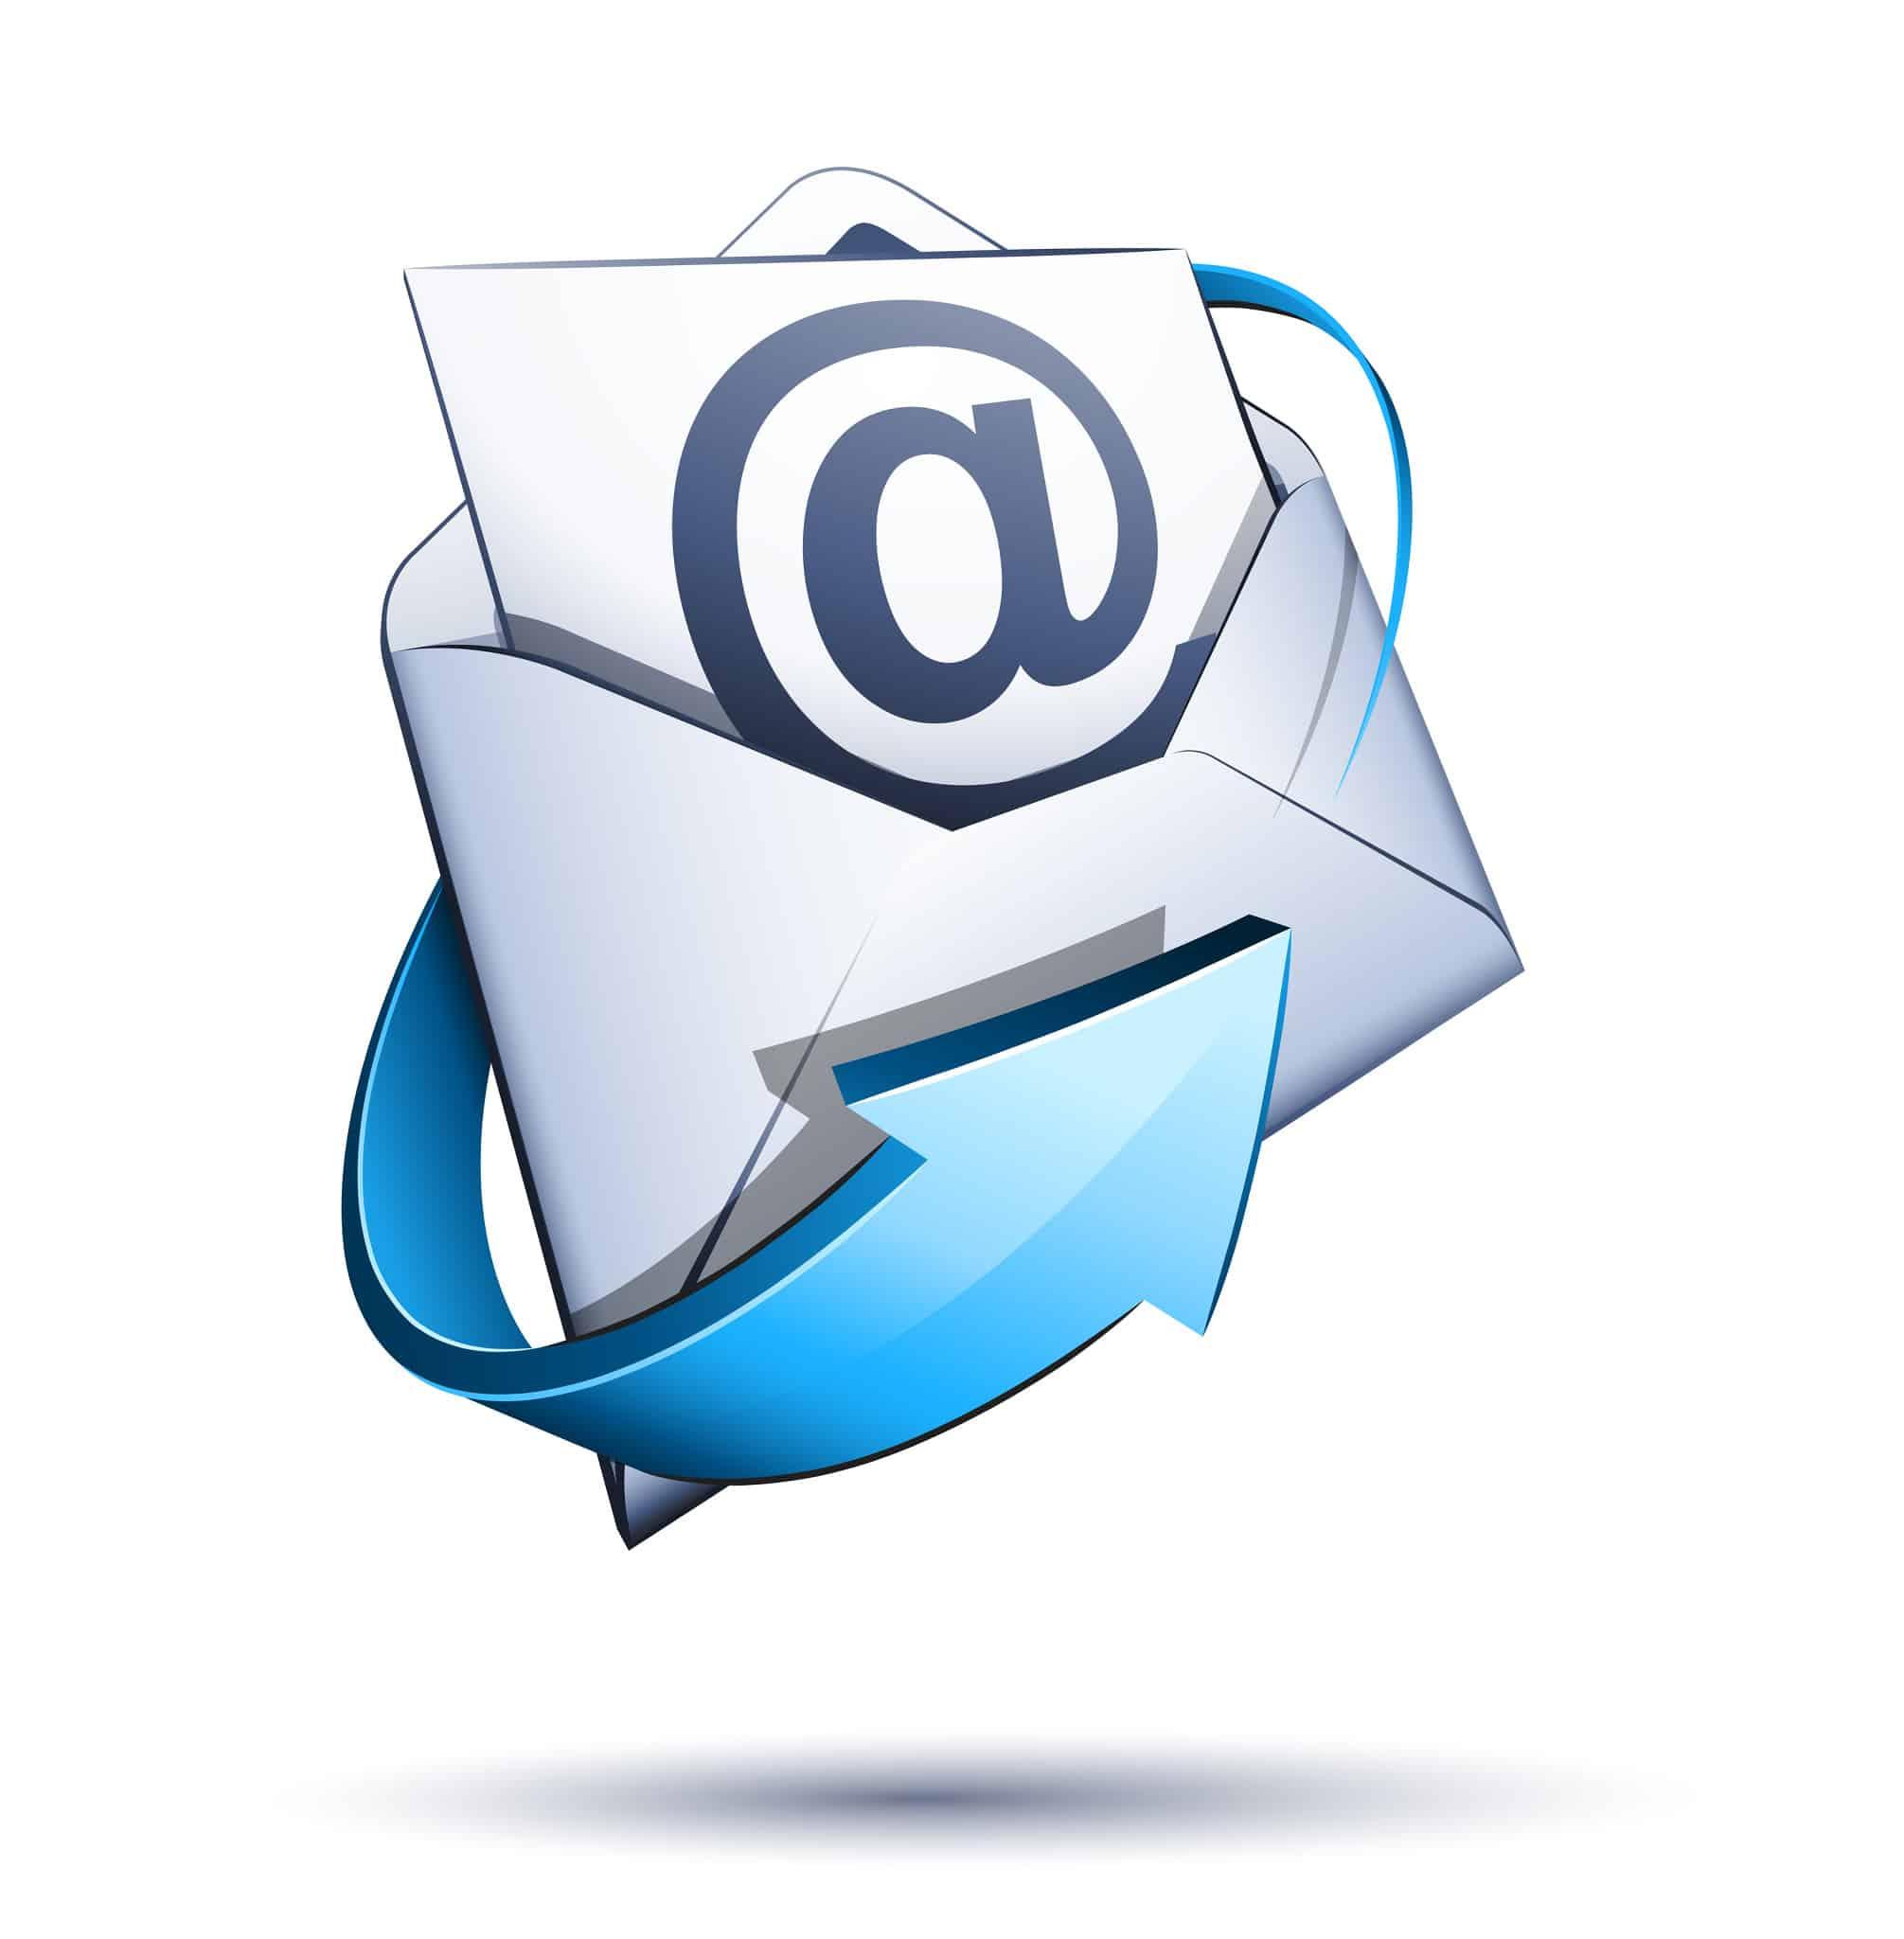 Voyez Comment Vous Pouvez Exploiter Facilement Les Emails Pour Vendre…